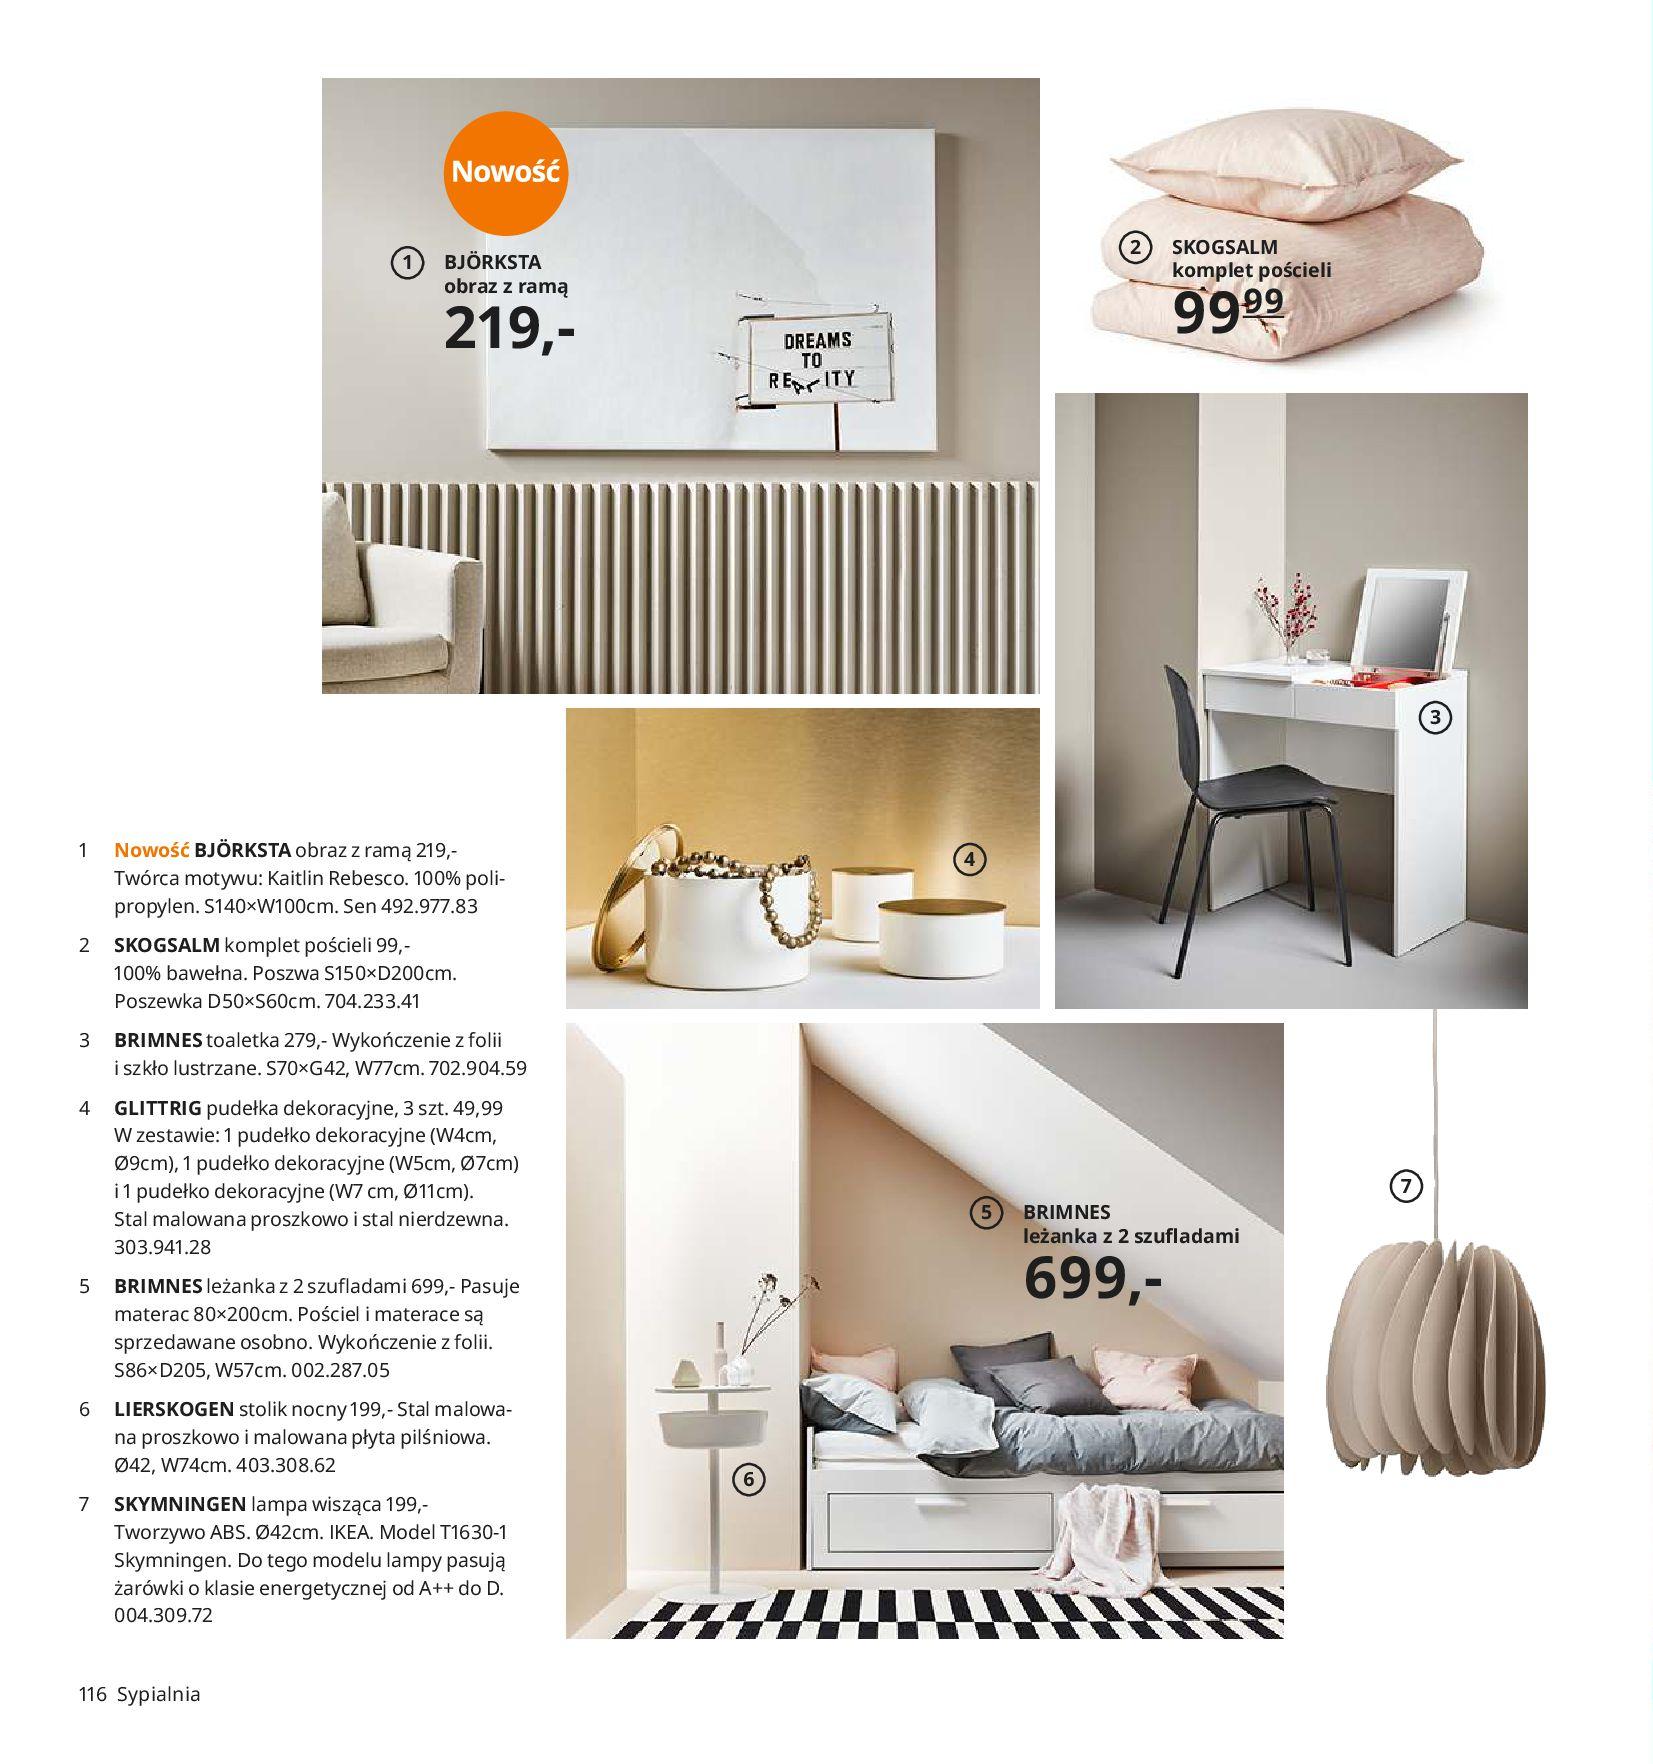 Gazetka IKEA - Katalog IKEA 2020-25.08.2019-31.07.2020-page-116